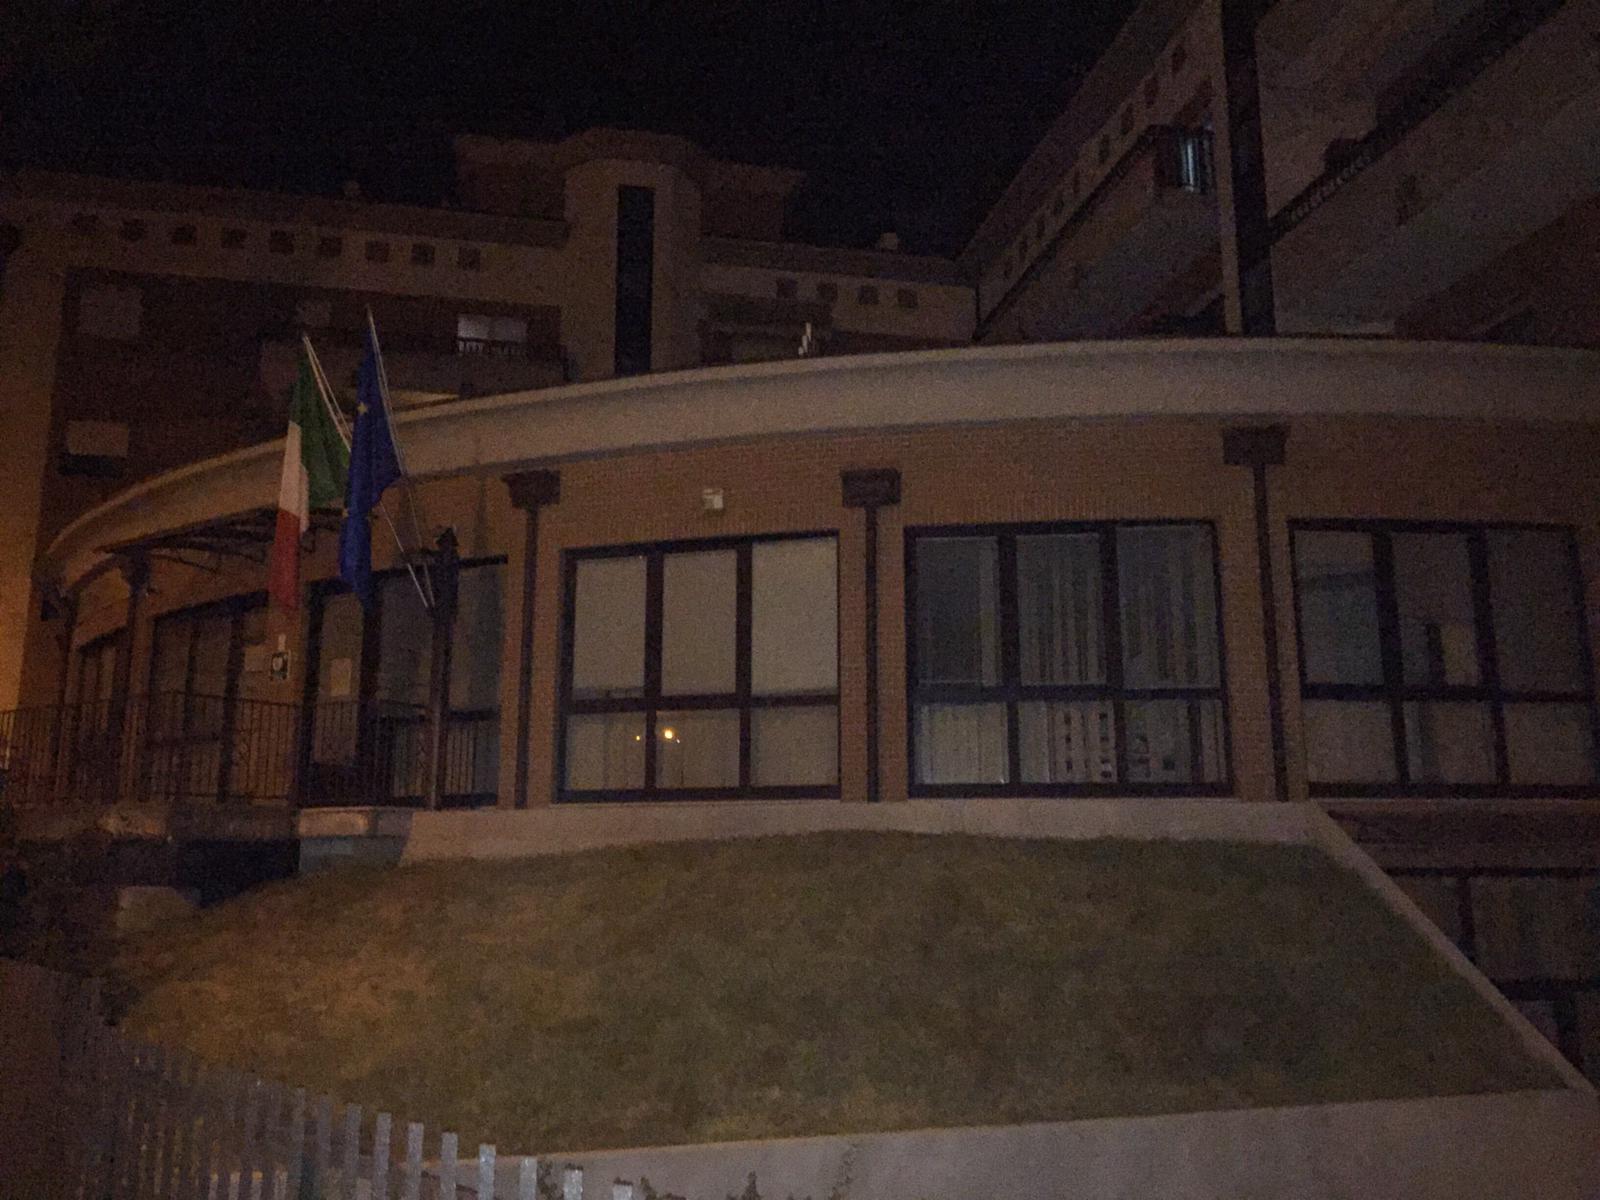 Sinlai e Forza Nuova unite su sede Agenzia delle Entrate Isernia. Affisso striscione su parte esterna della struttura.